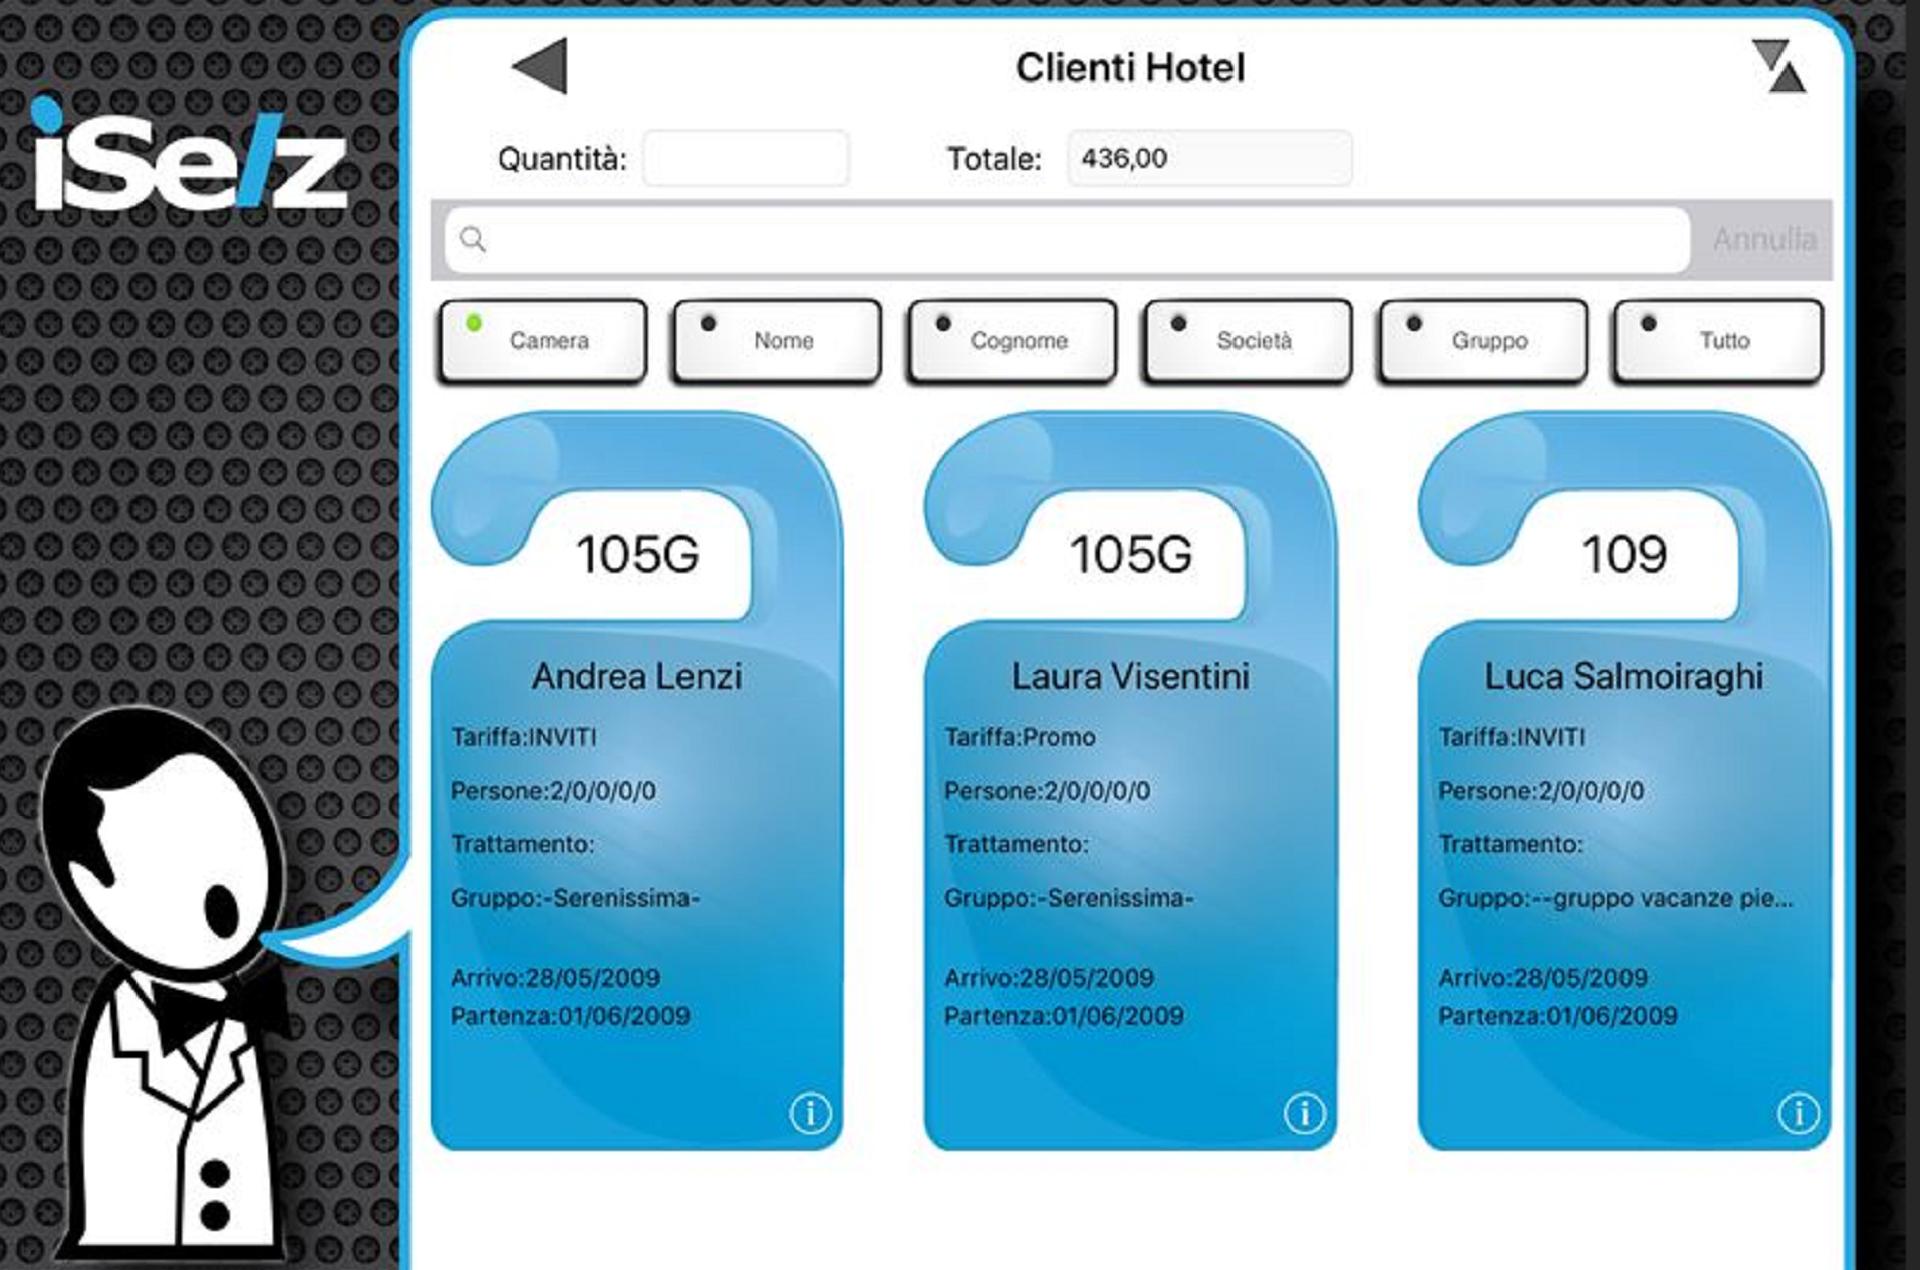 Il personale può addebitare le consumazioni dell'ospite direttamente nel conto della camera.